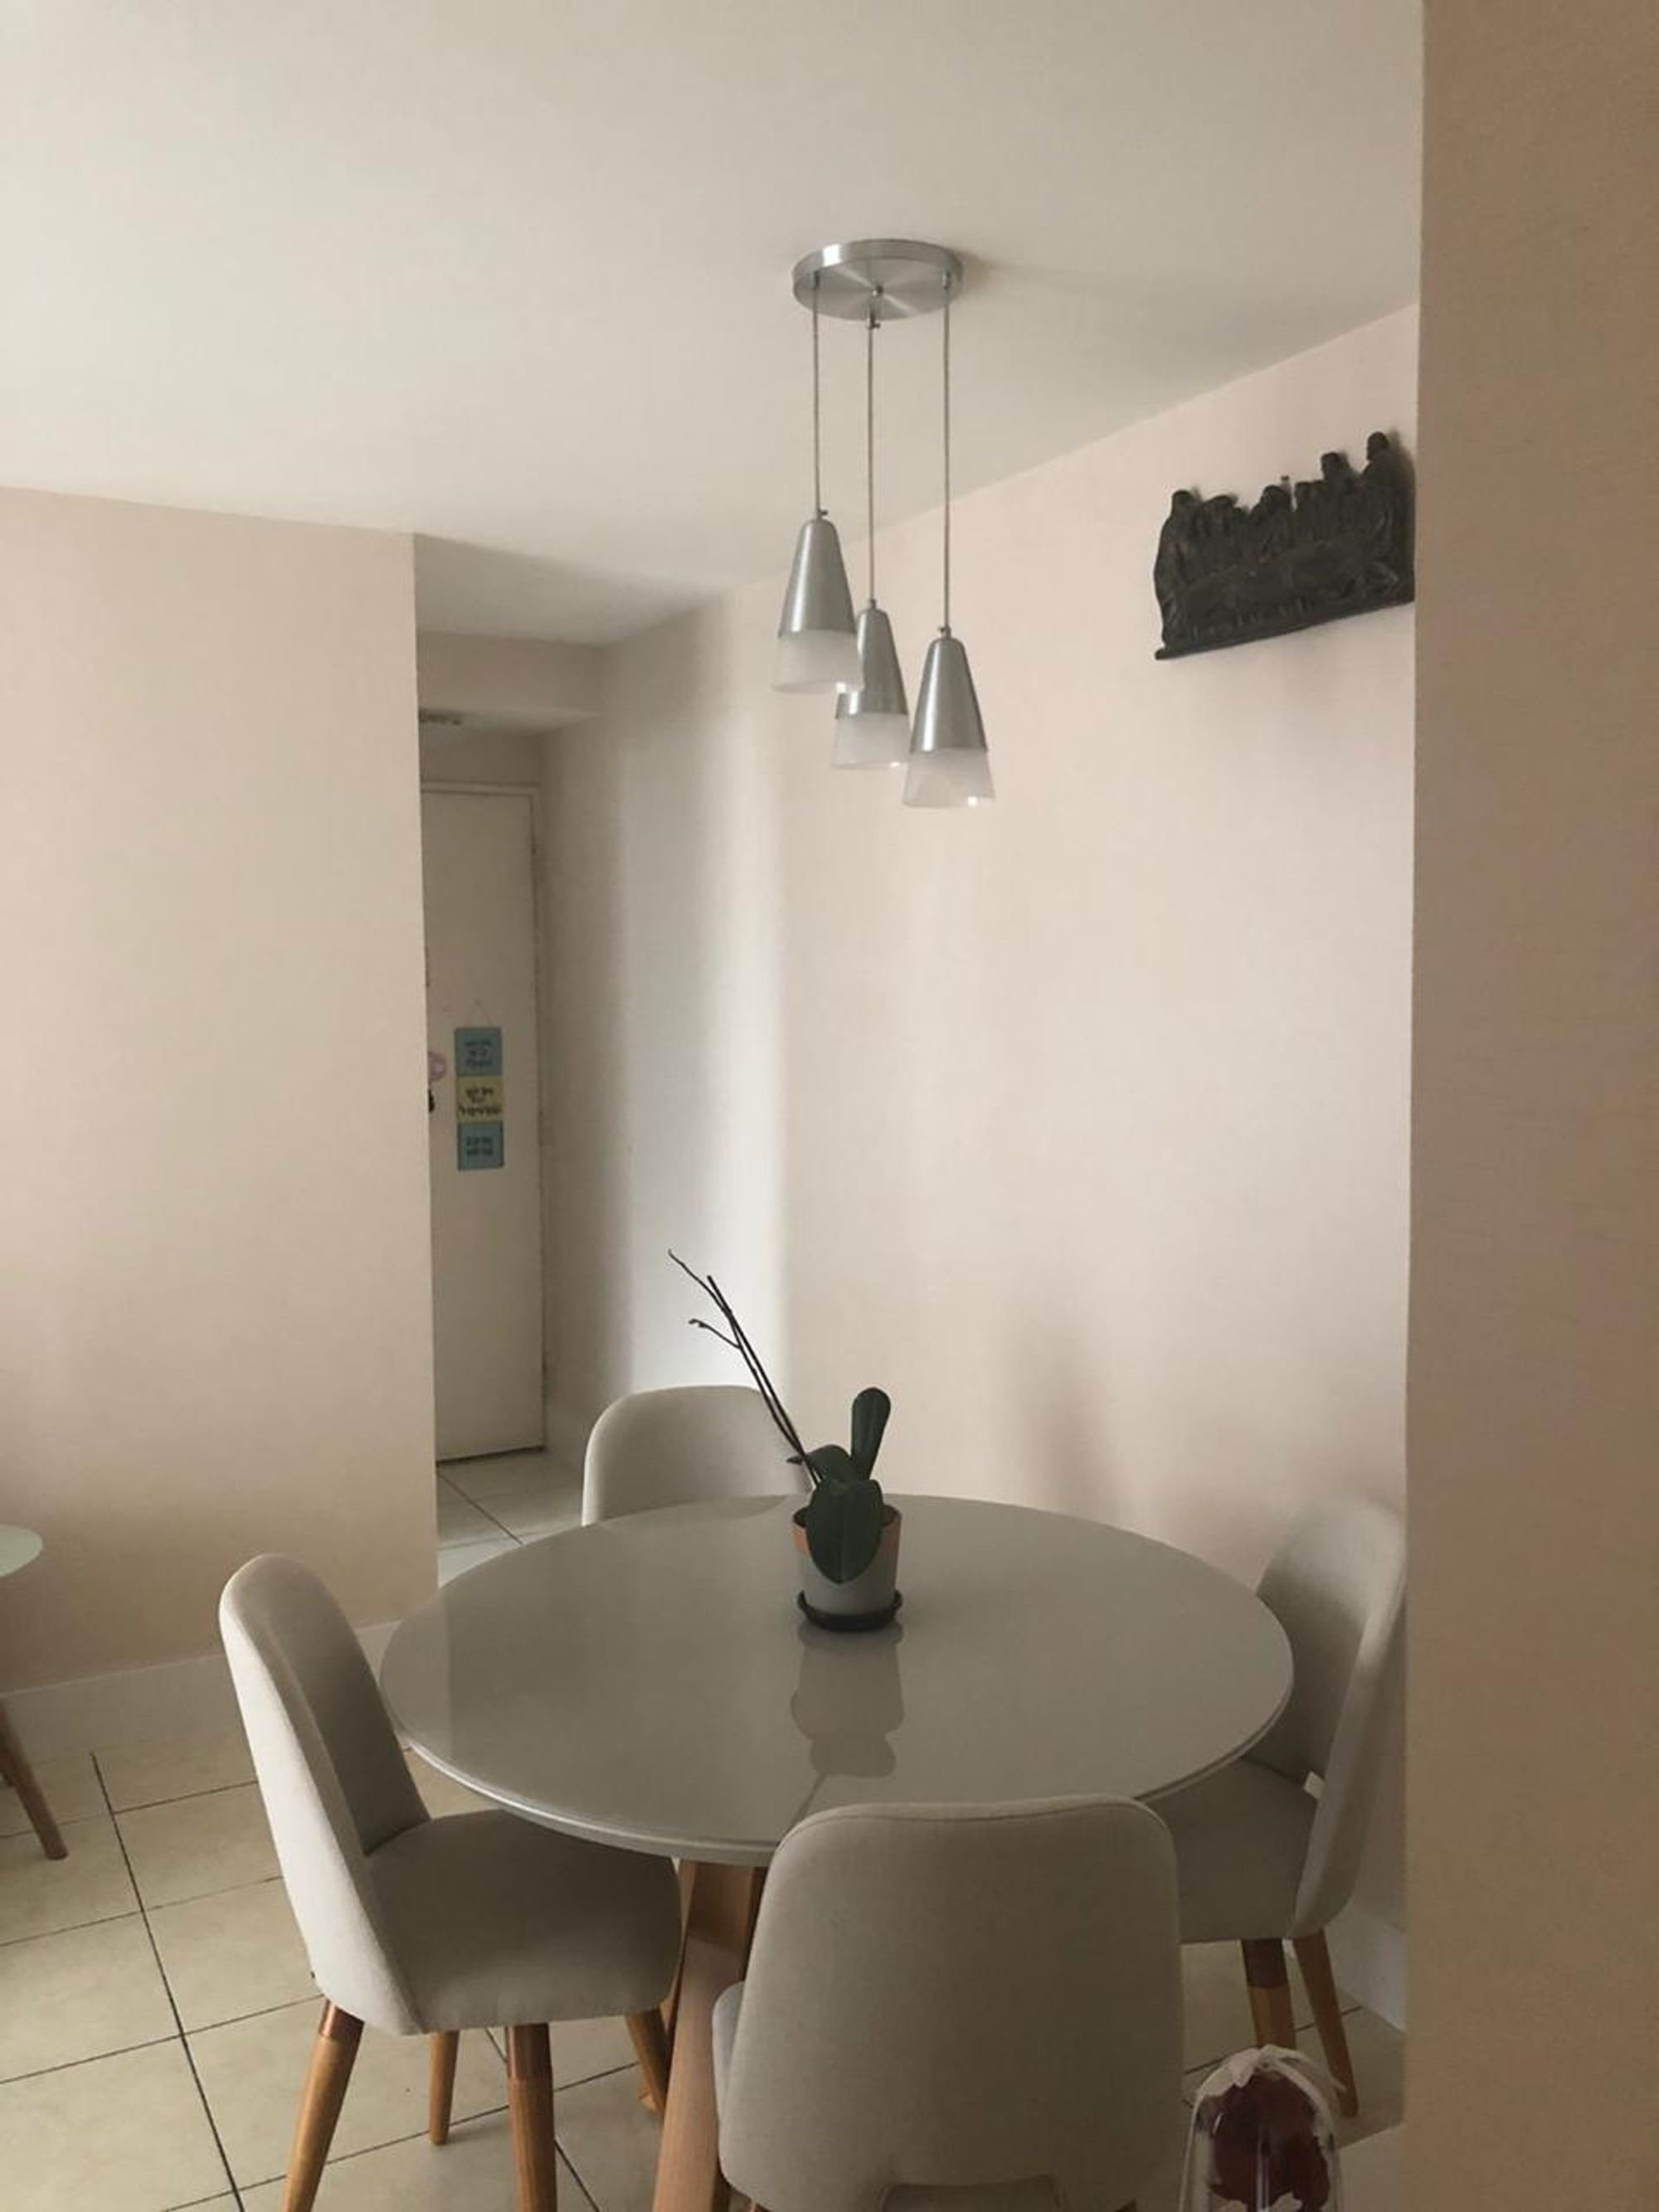 Foto de Sala com vaso, cadeira, mesa de jantar